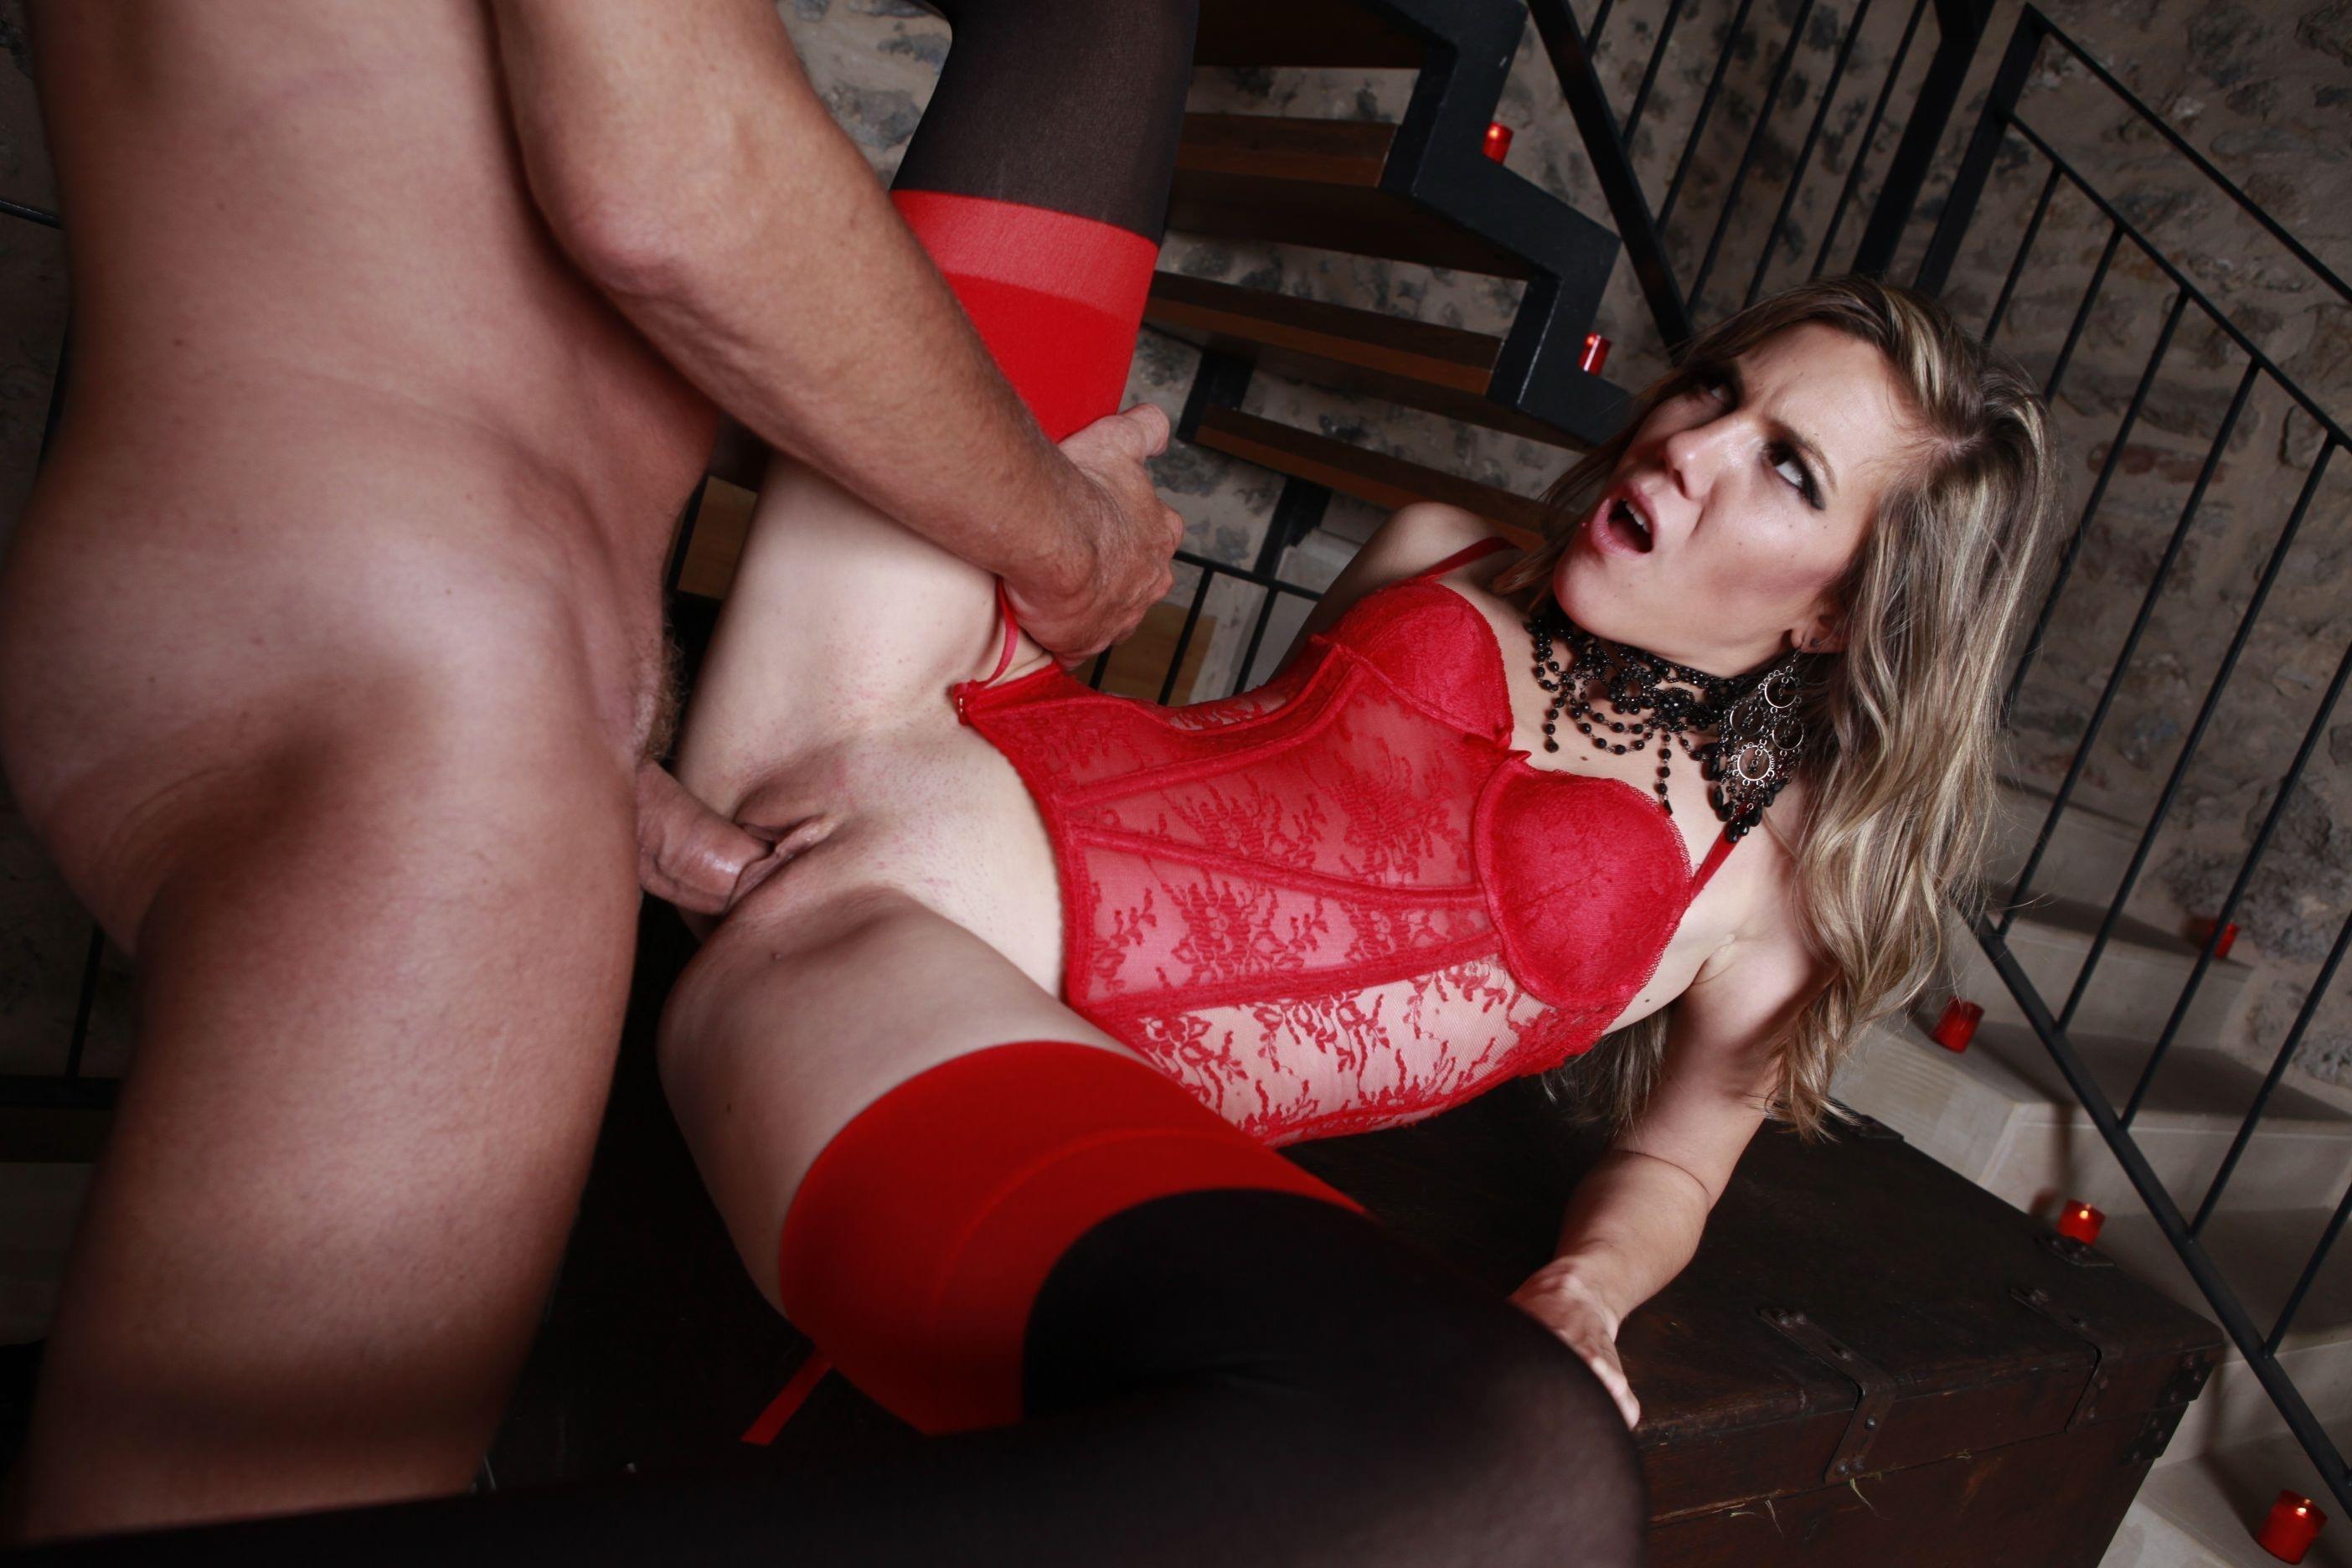 Фото Мужик трахает девушку на лестнице, красный корсет, чулки, ноги в стороны, скачать картинку бесплатно